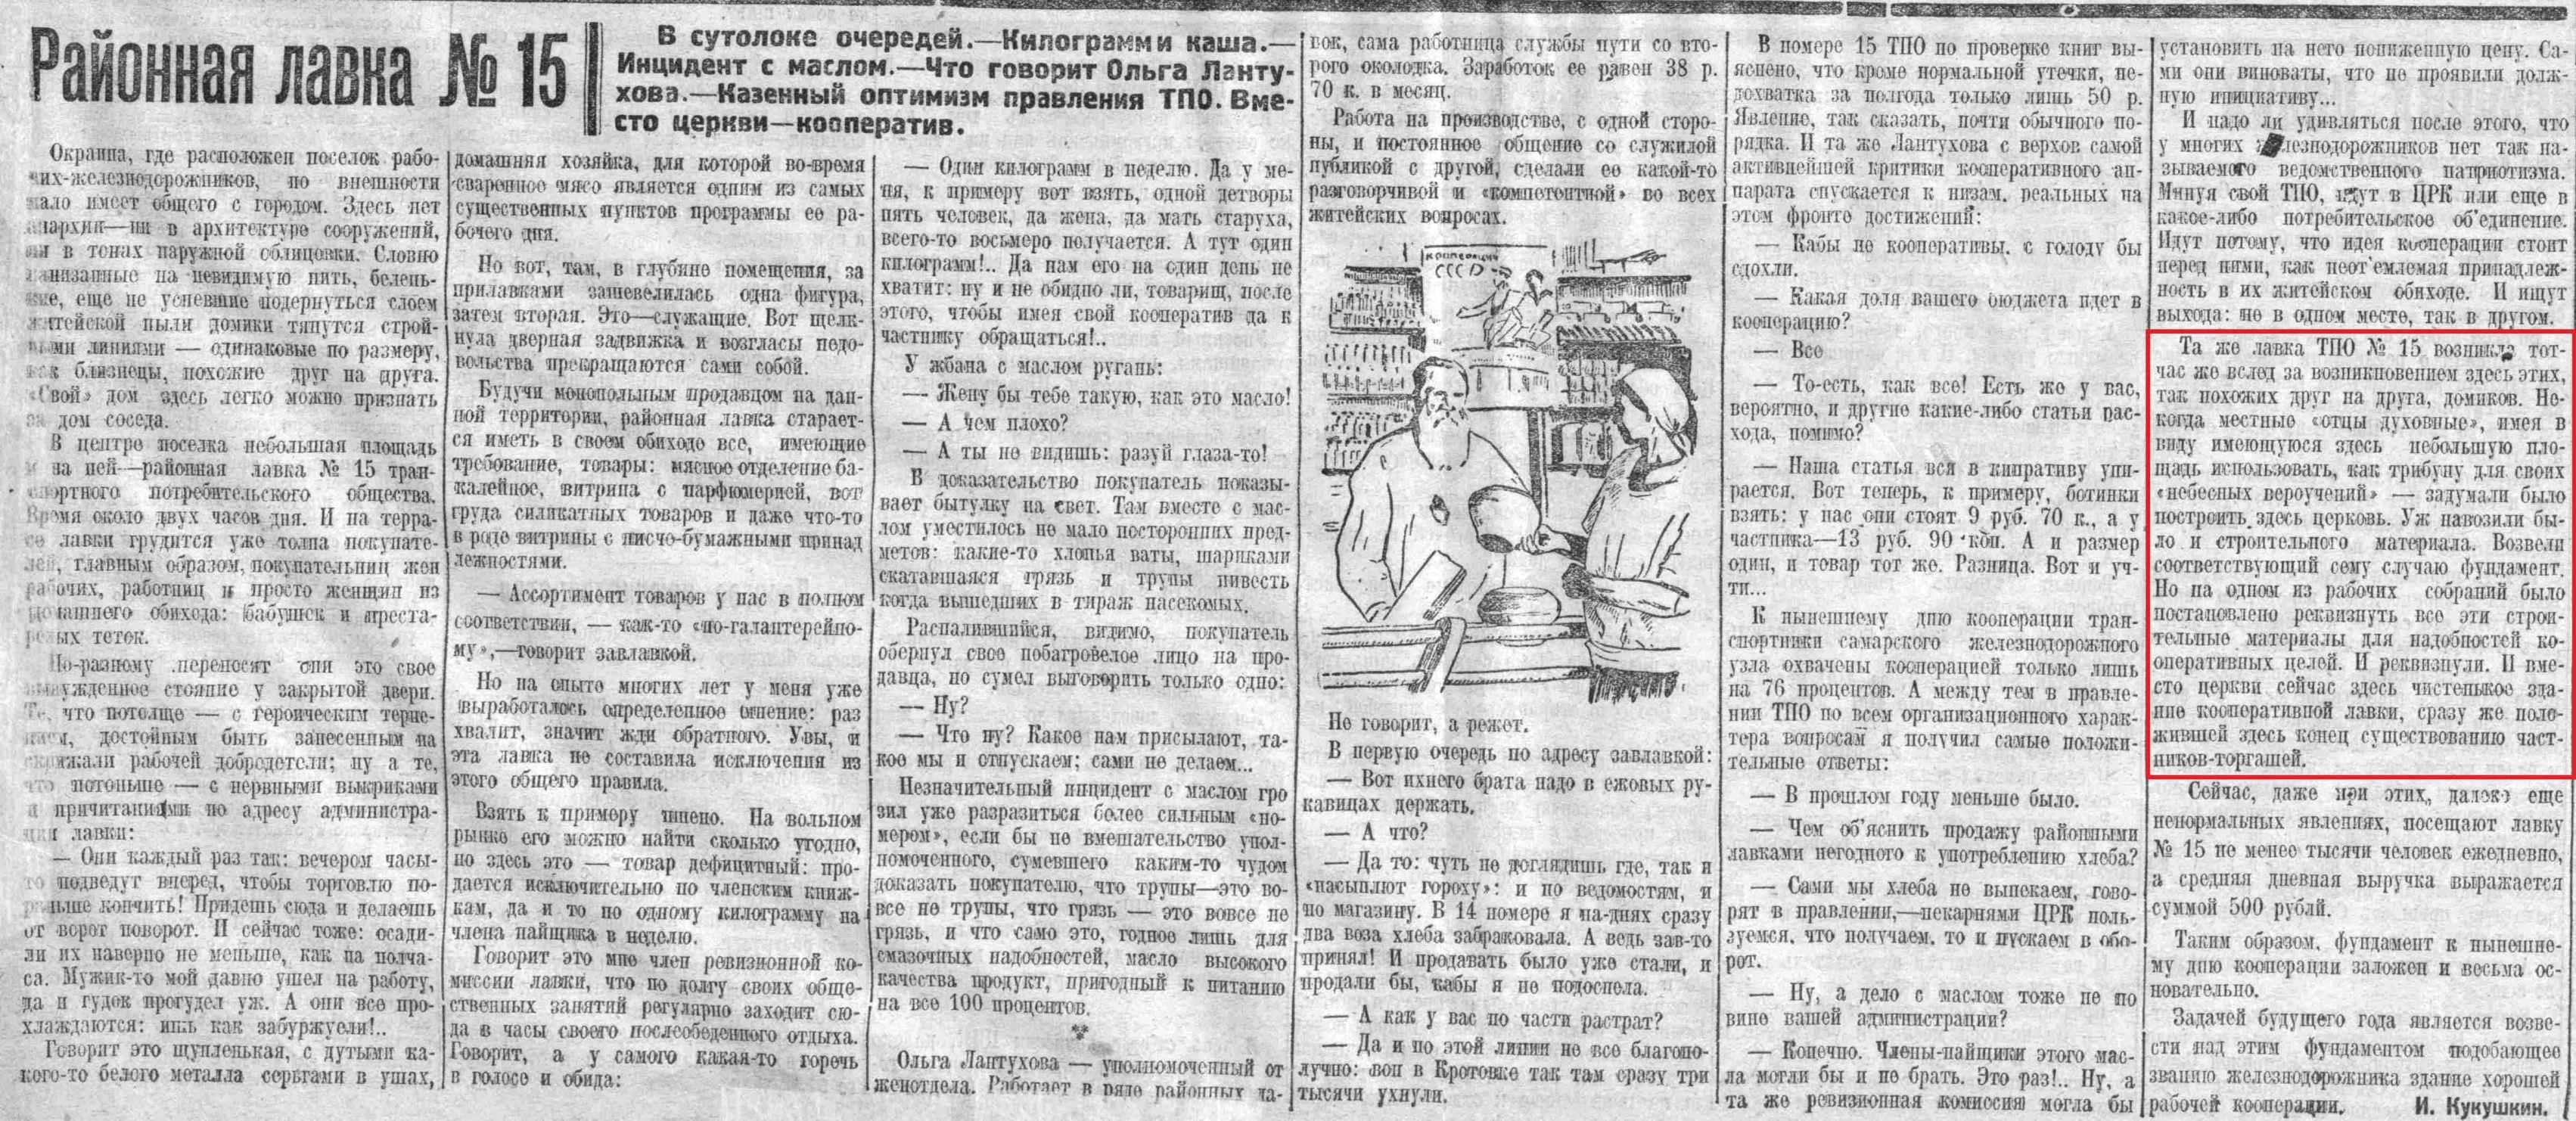 Урицкого-ФОТО-21-ВКа-1928-07-08-районная лавка № 15-min-min